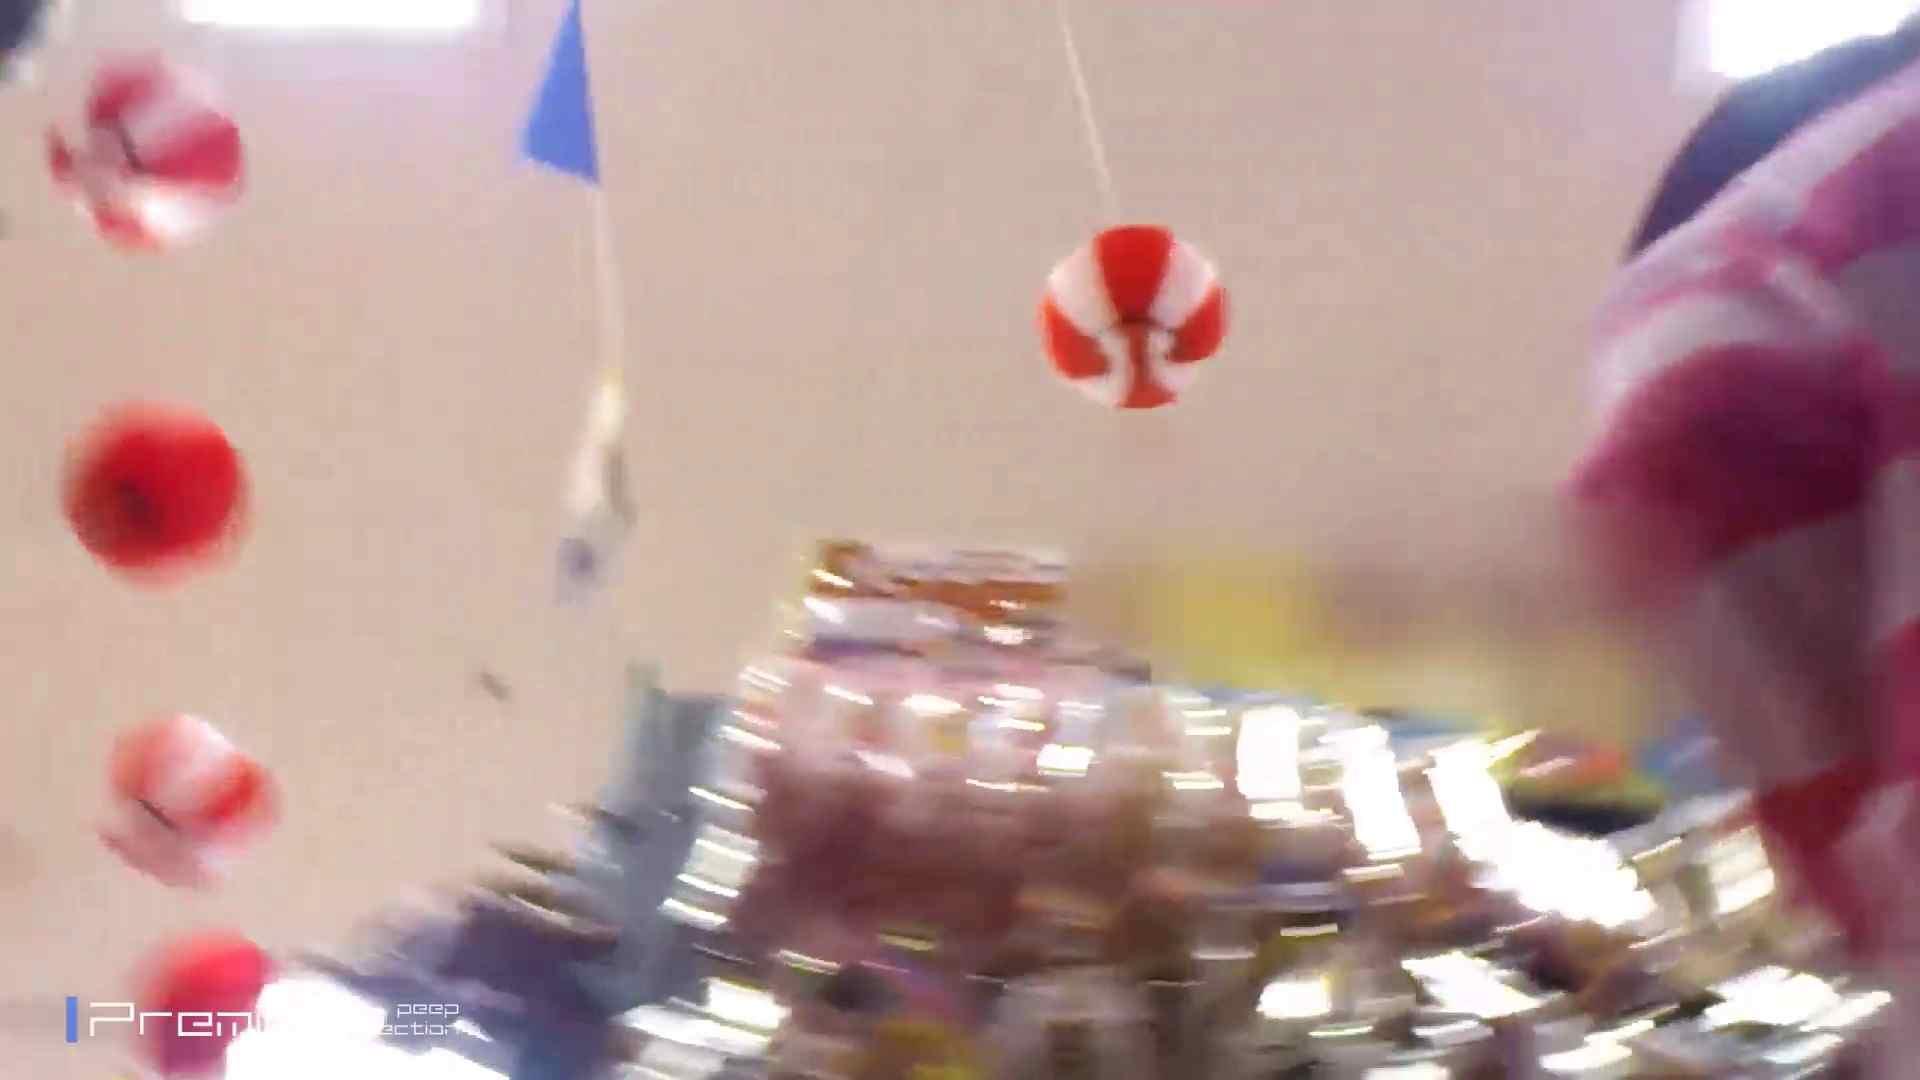 期間限定 超炉利盗撮 Vol.16 パンチラマーケット 3 高画質 おめこ無修正動画無料 95画像 38